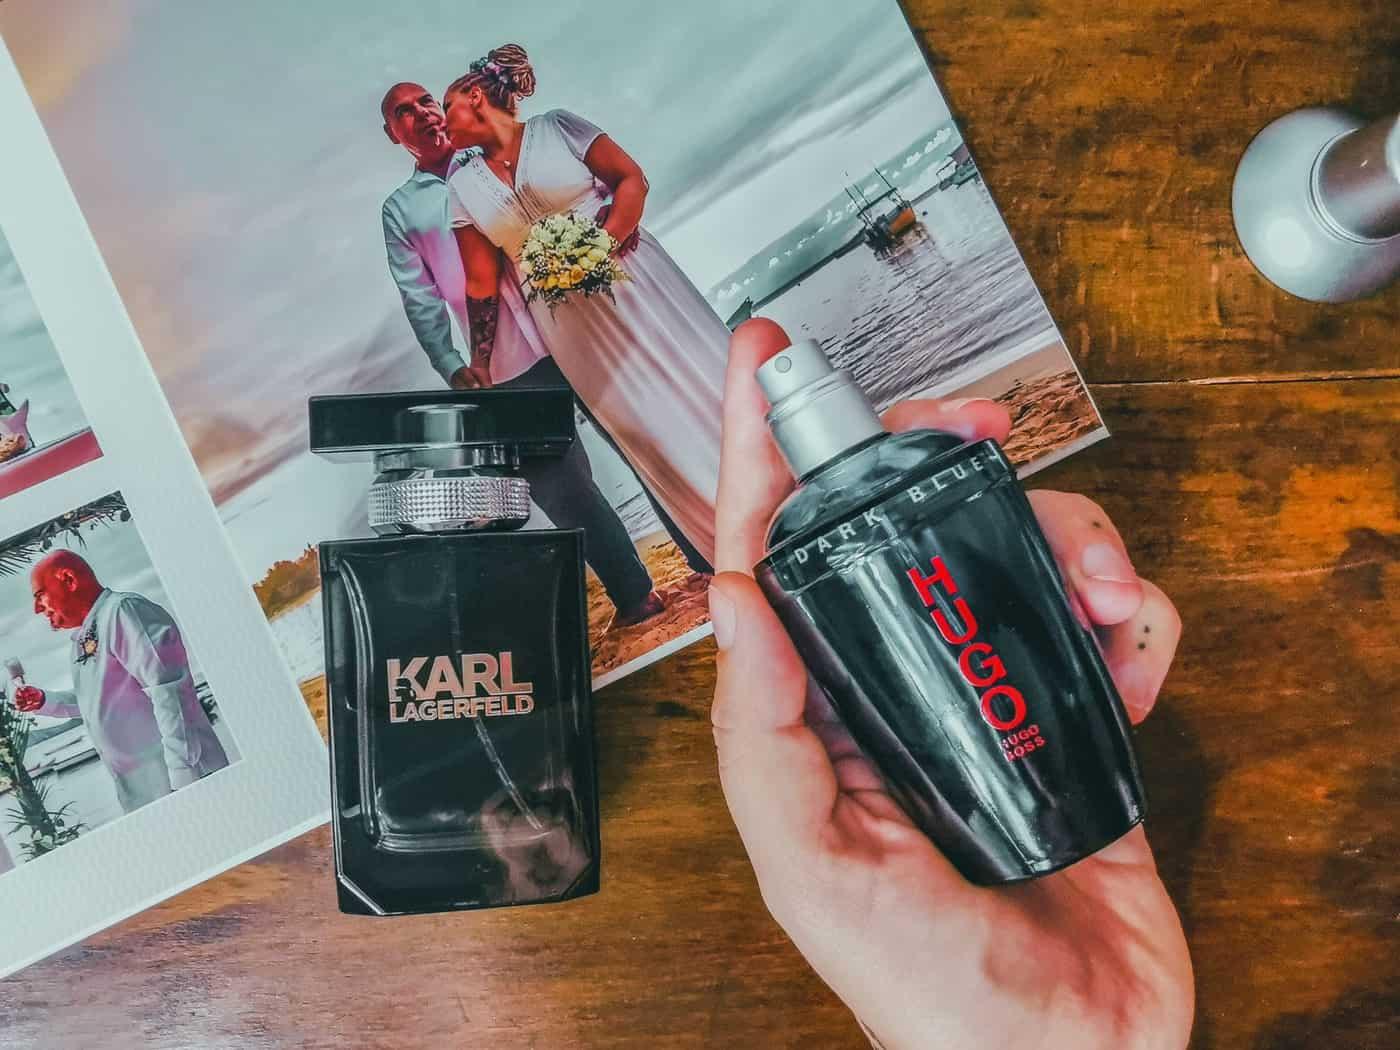 pánské parfémy Hugo Boss a Lagerfeld